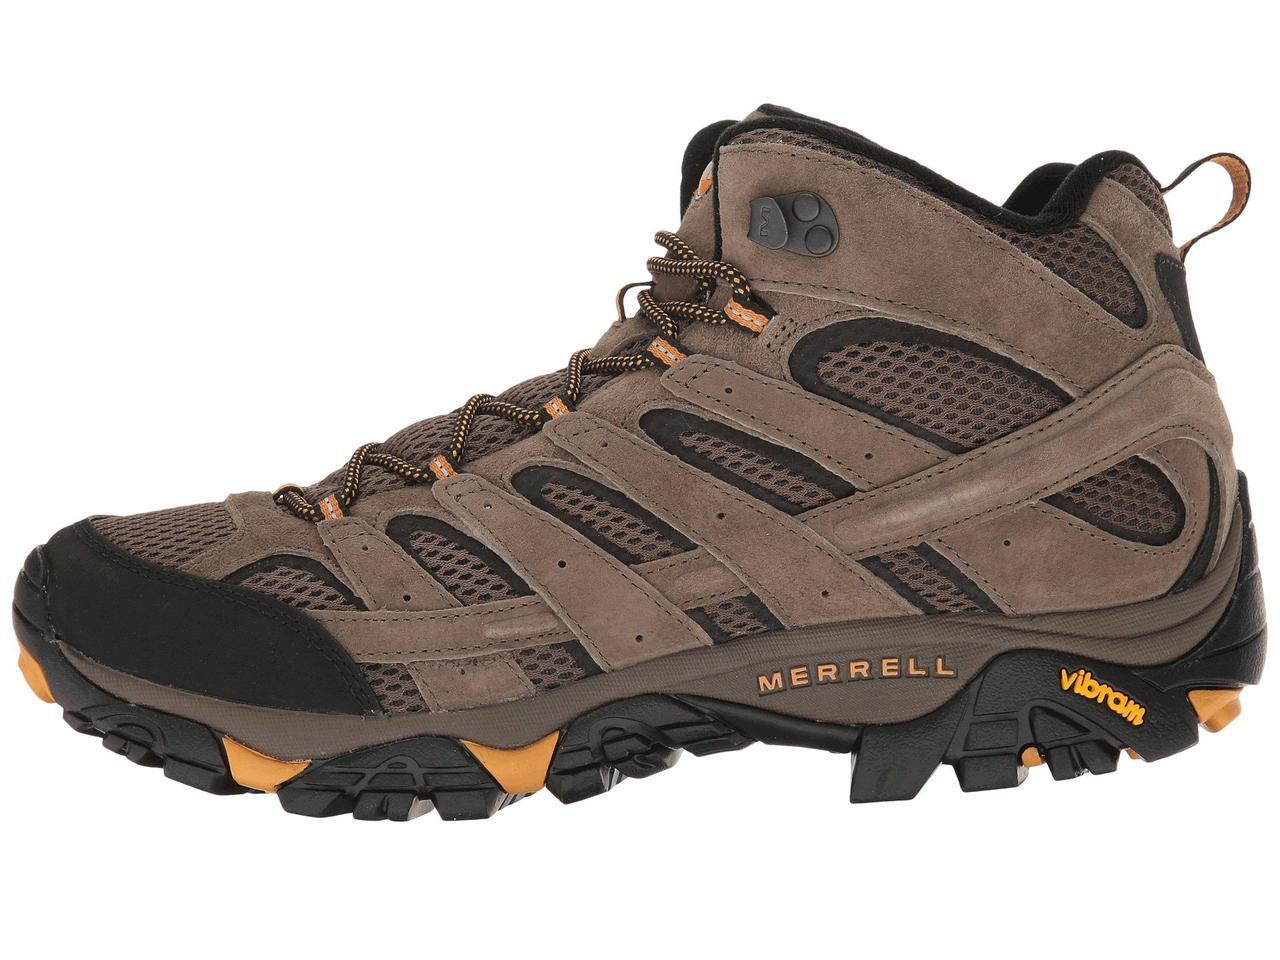 Ботинки Сапоги (Оригинал) Merrell Moab 2 Vent Mid Walnut  продажа ... cf855efe1d8ce